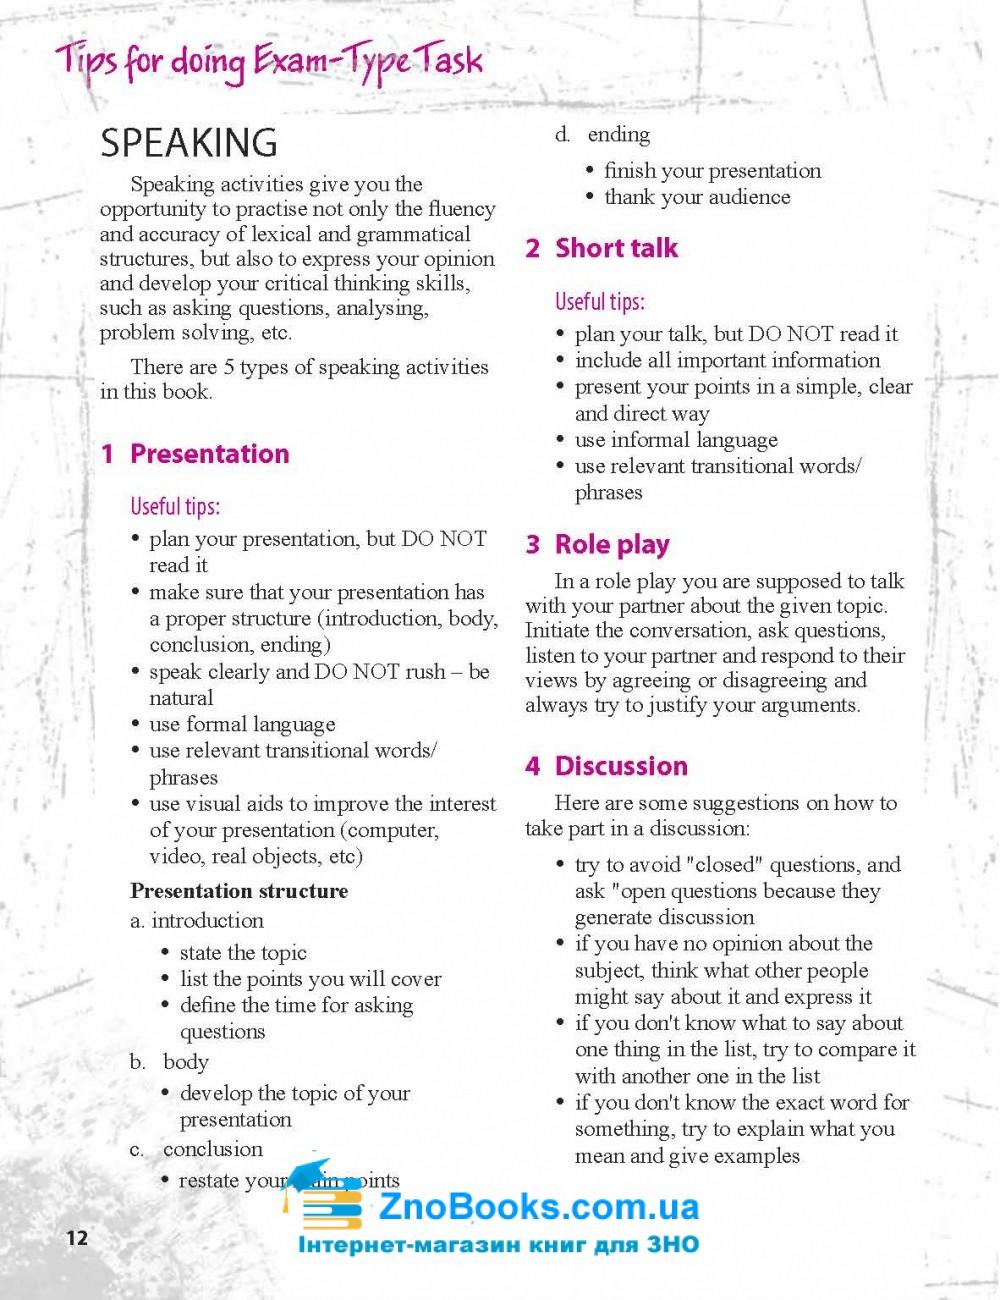 Тренажер для підготовки до ЗНО з англійської мови level B2+аудіо CD (ENGLISH TEST TRAINER). Авт: Юркович М. Вид-во: Лібра терра. купити 4